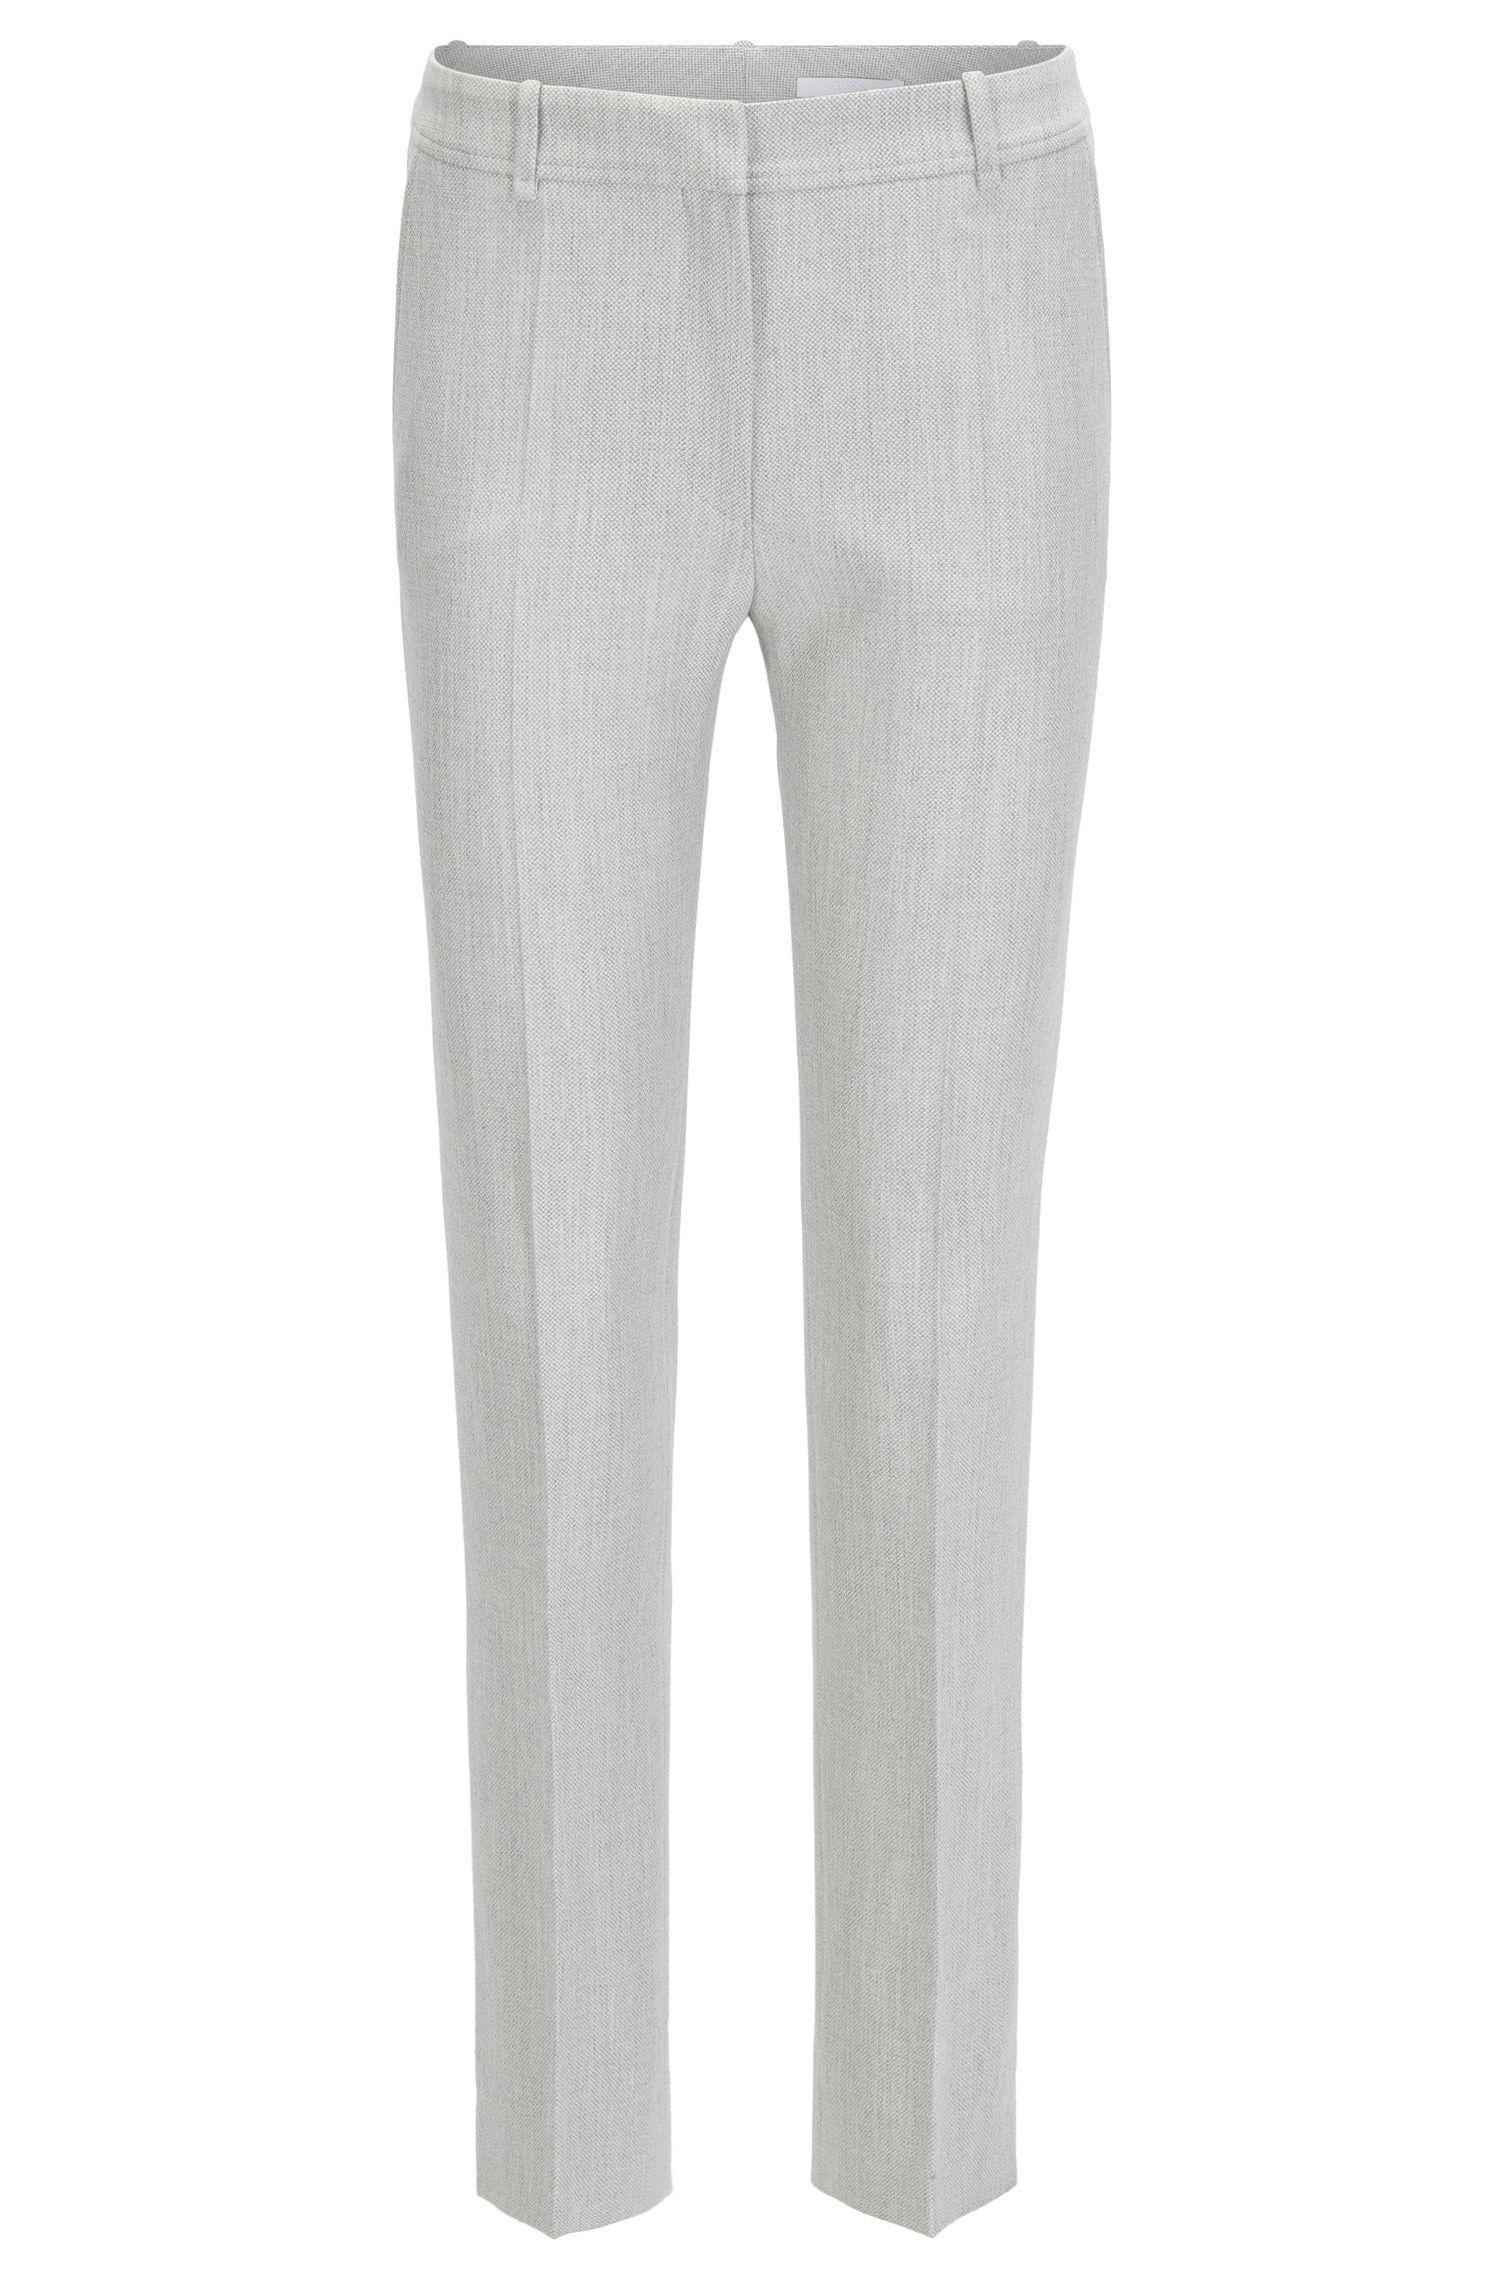 Pantaloni regular fit in tessuto misto tecnico elasticizzato